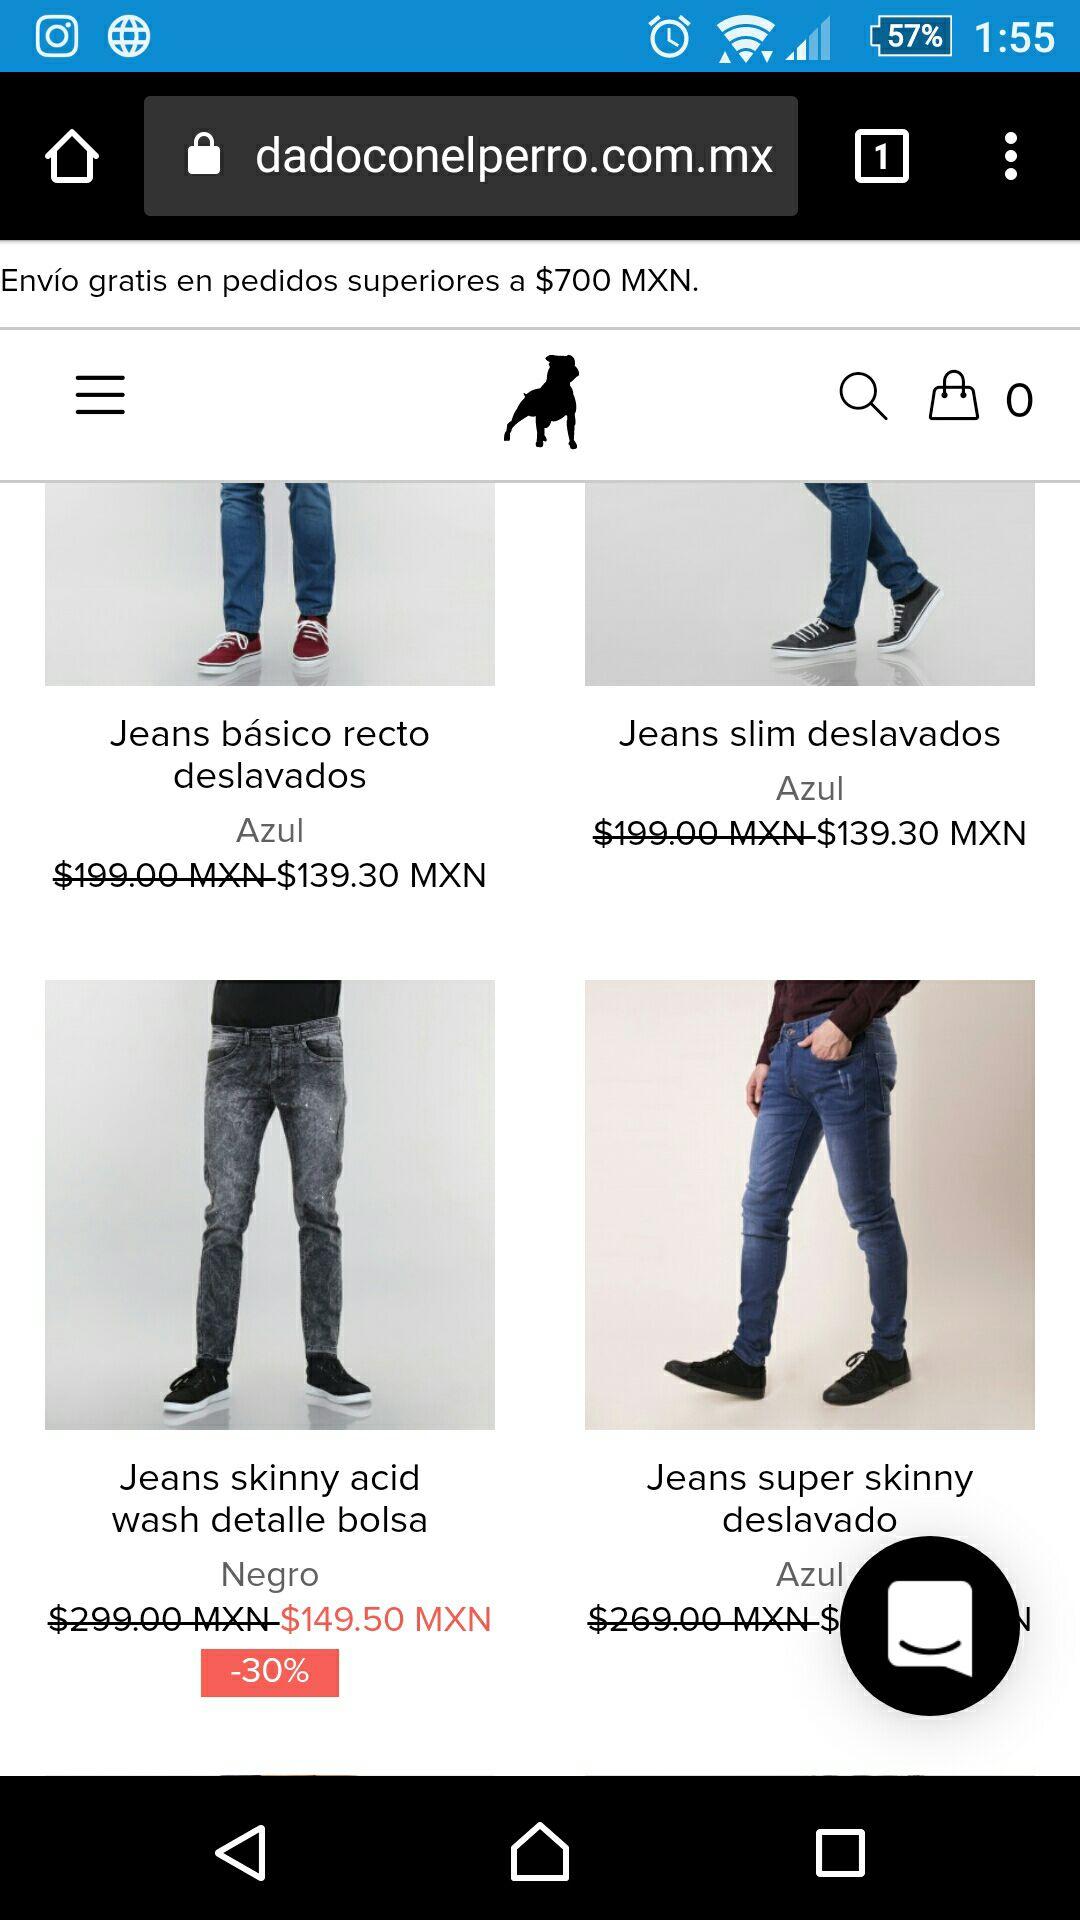 Cuidado con el perro: Jeans desde $139